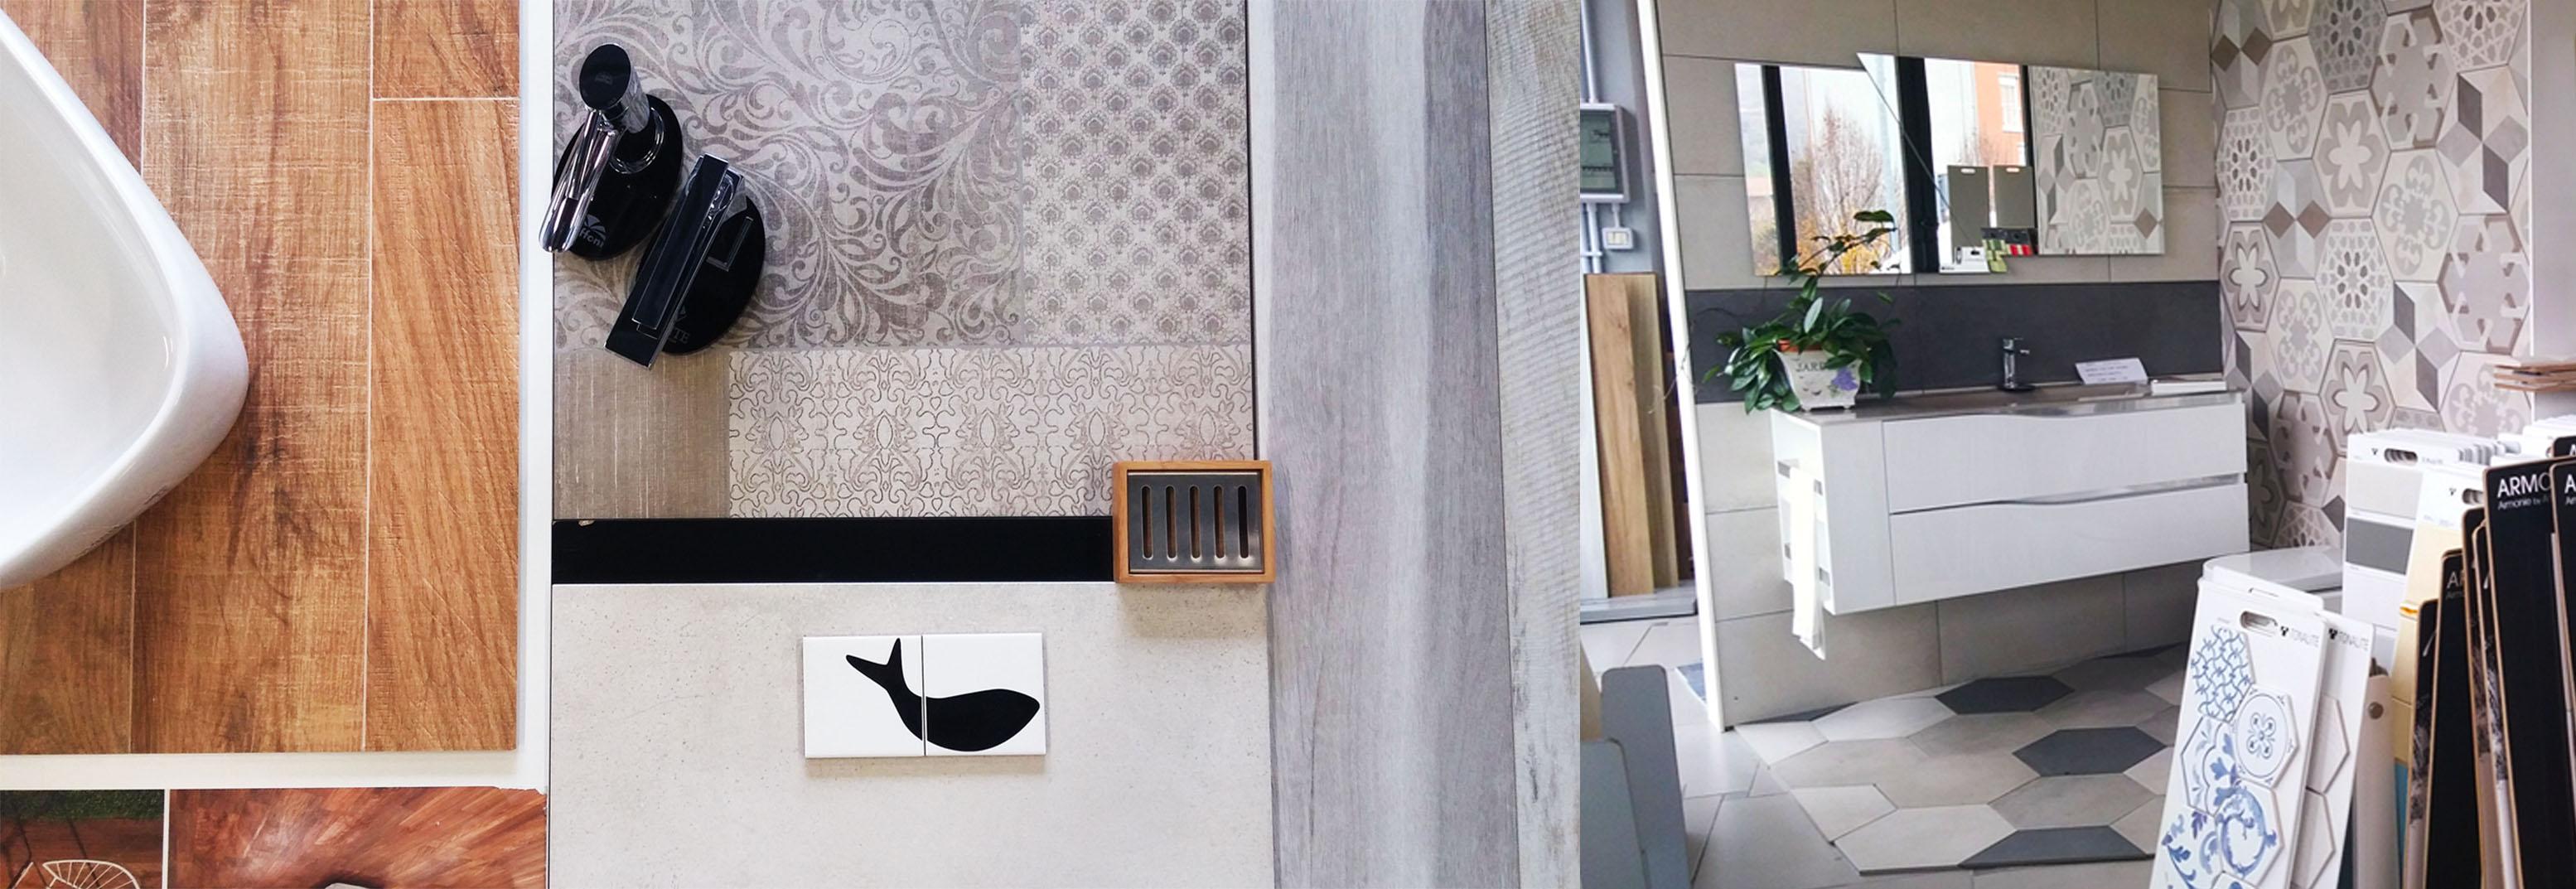 stile piastrelle e arredo bagno di mussone fulvio - biella - Stil Arredo Bagno